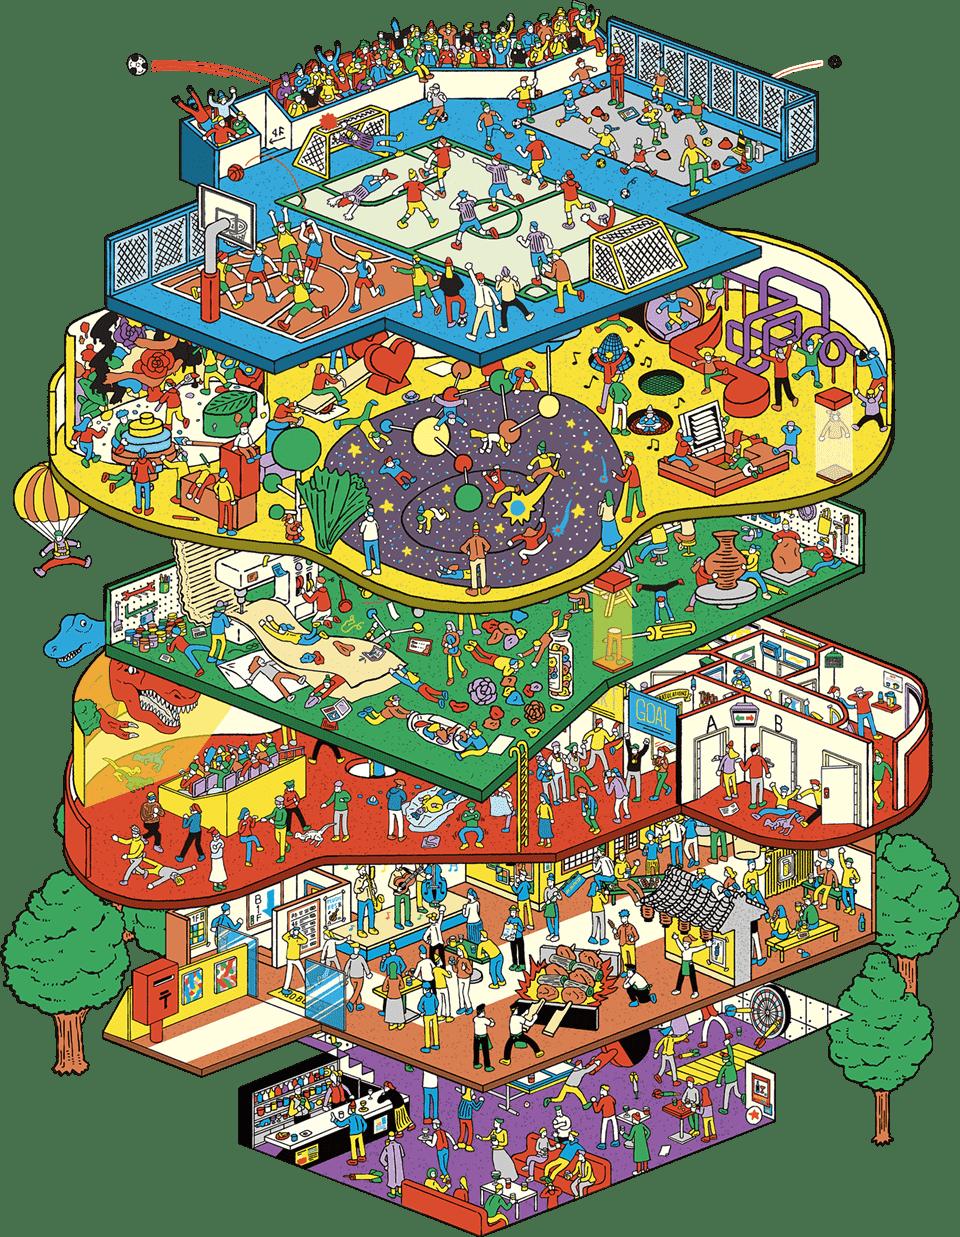 横浜駅東口、みacなみ通路直通予定の複合型エンタメ施設「アソビル」フロア構成図